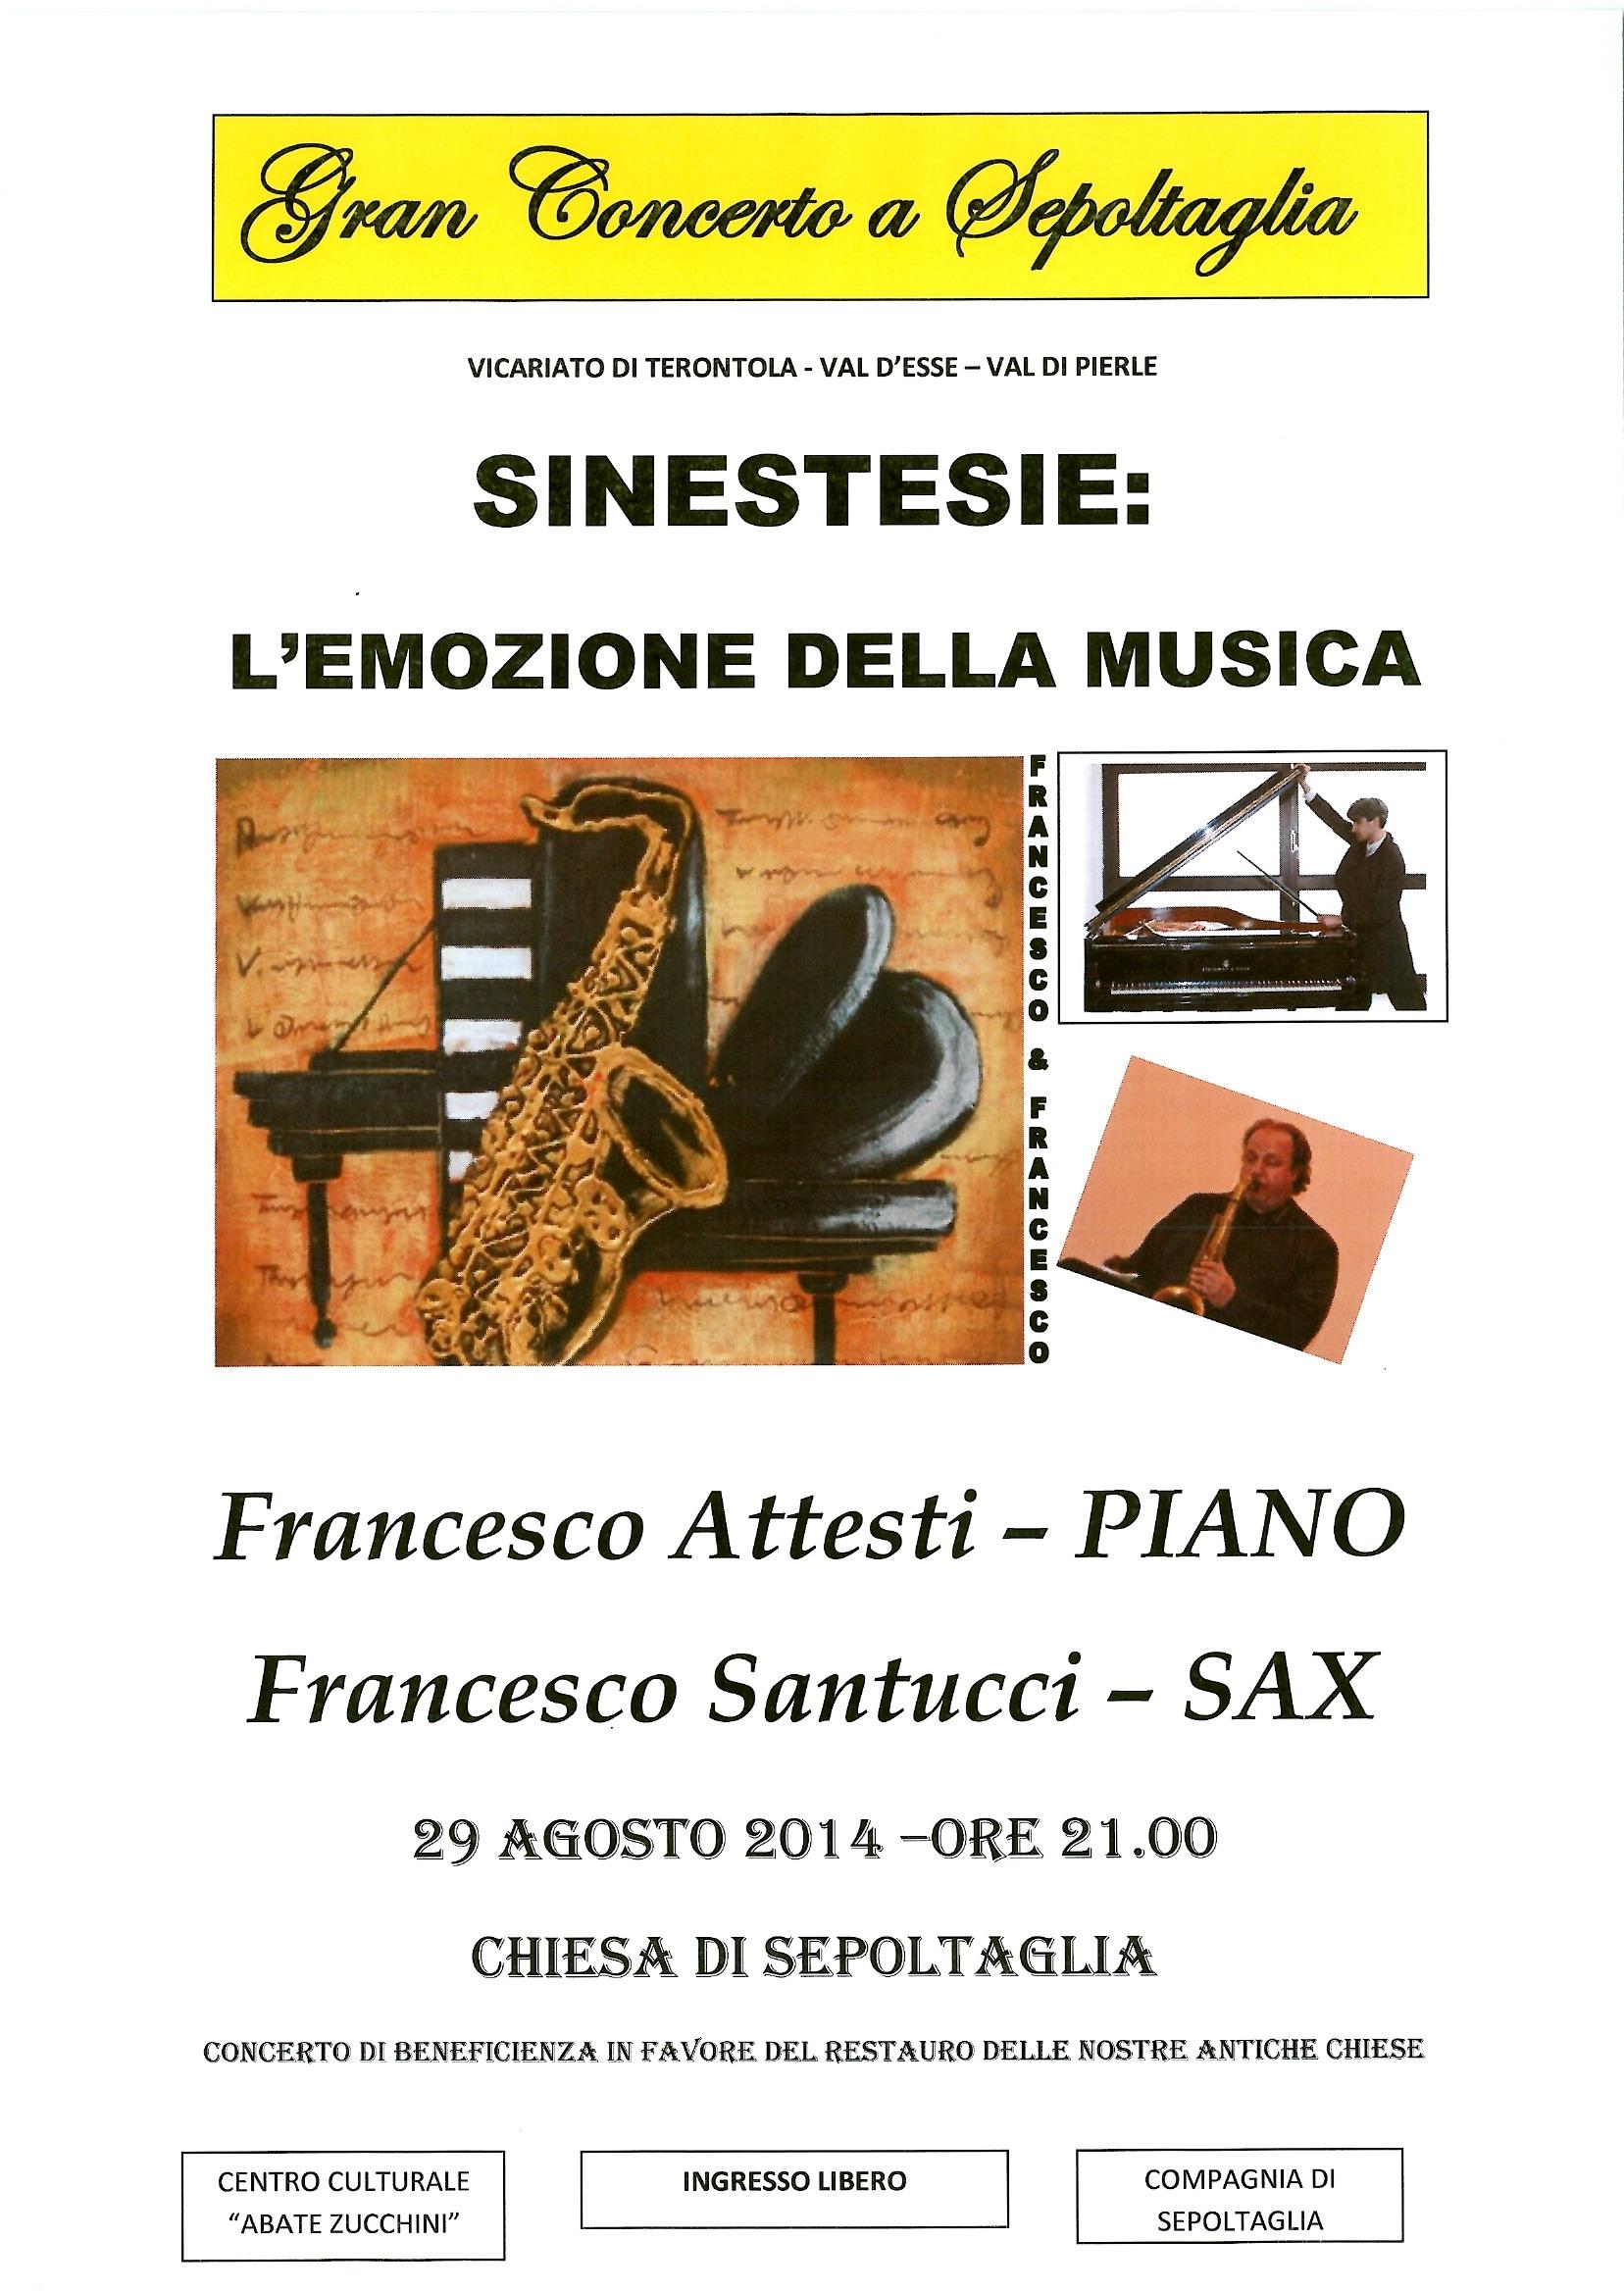 Attesti e Santucci in concerto alla Chiesa di Sepoltaglia